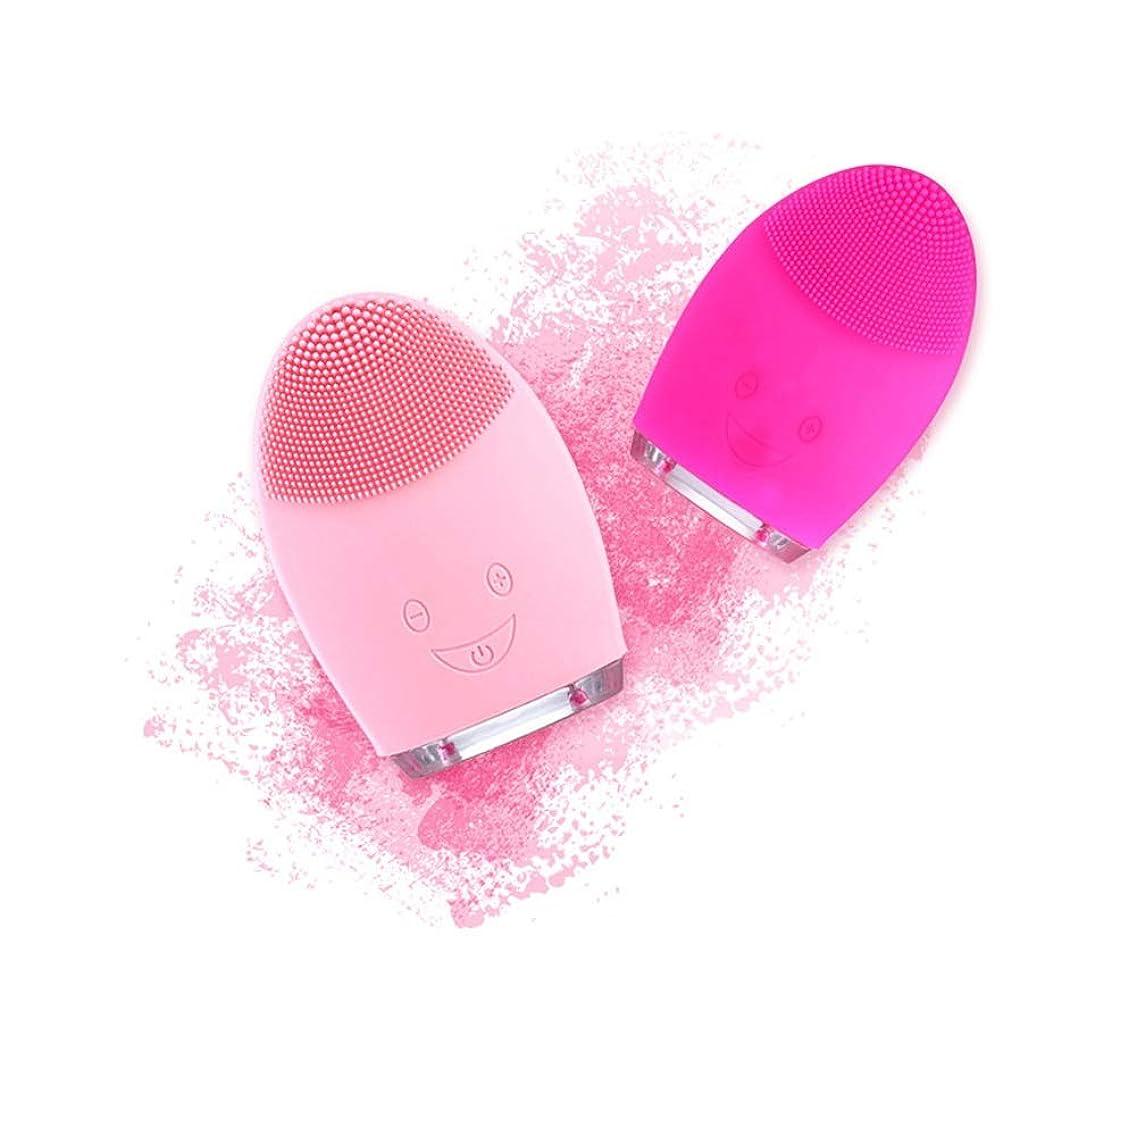 代わりにを立てる超音速対人ZXF USB充電式シリコンクレンジング楽器超音波洗顔毛穴きれいな防水美容器ピンク赤 滑らかである (色 : Red)